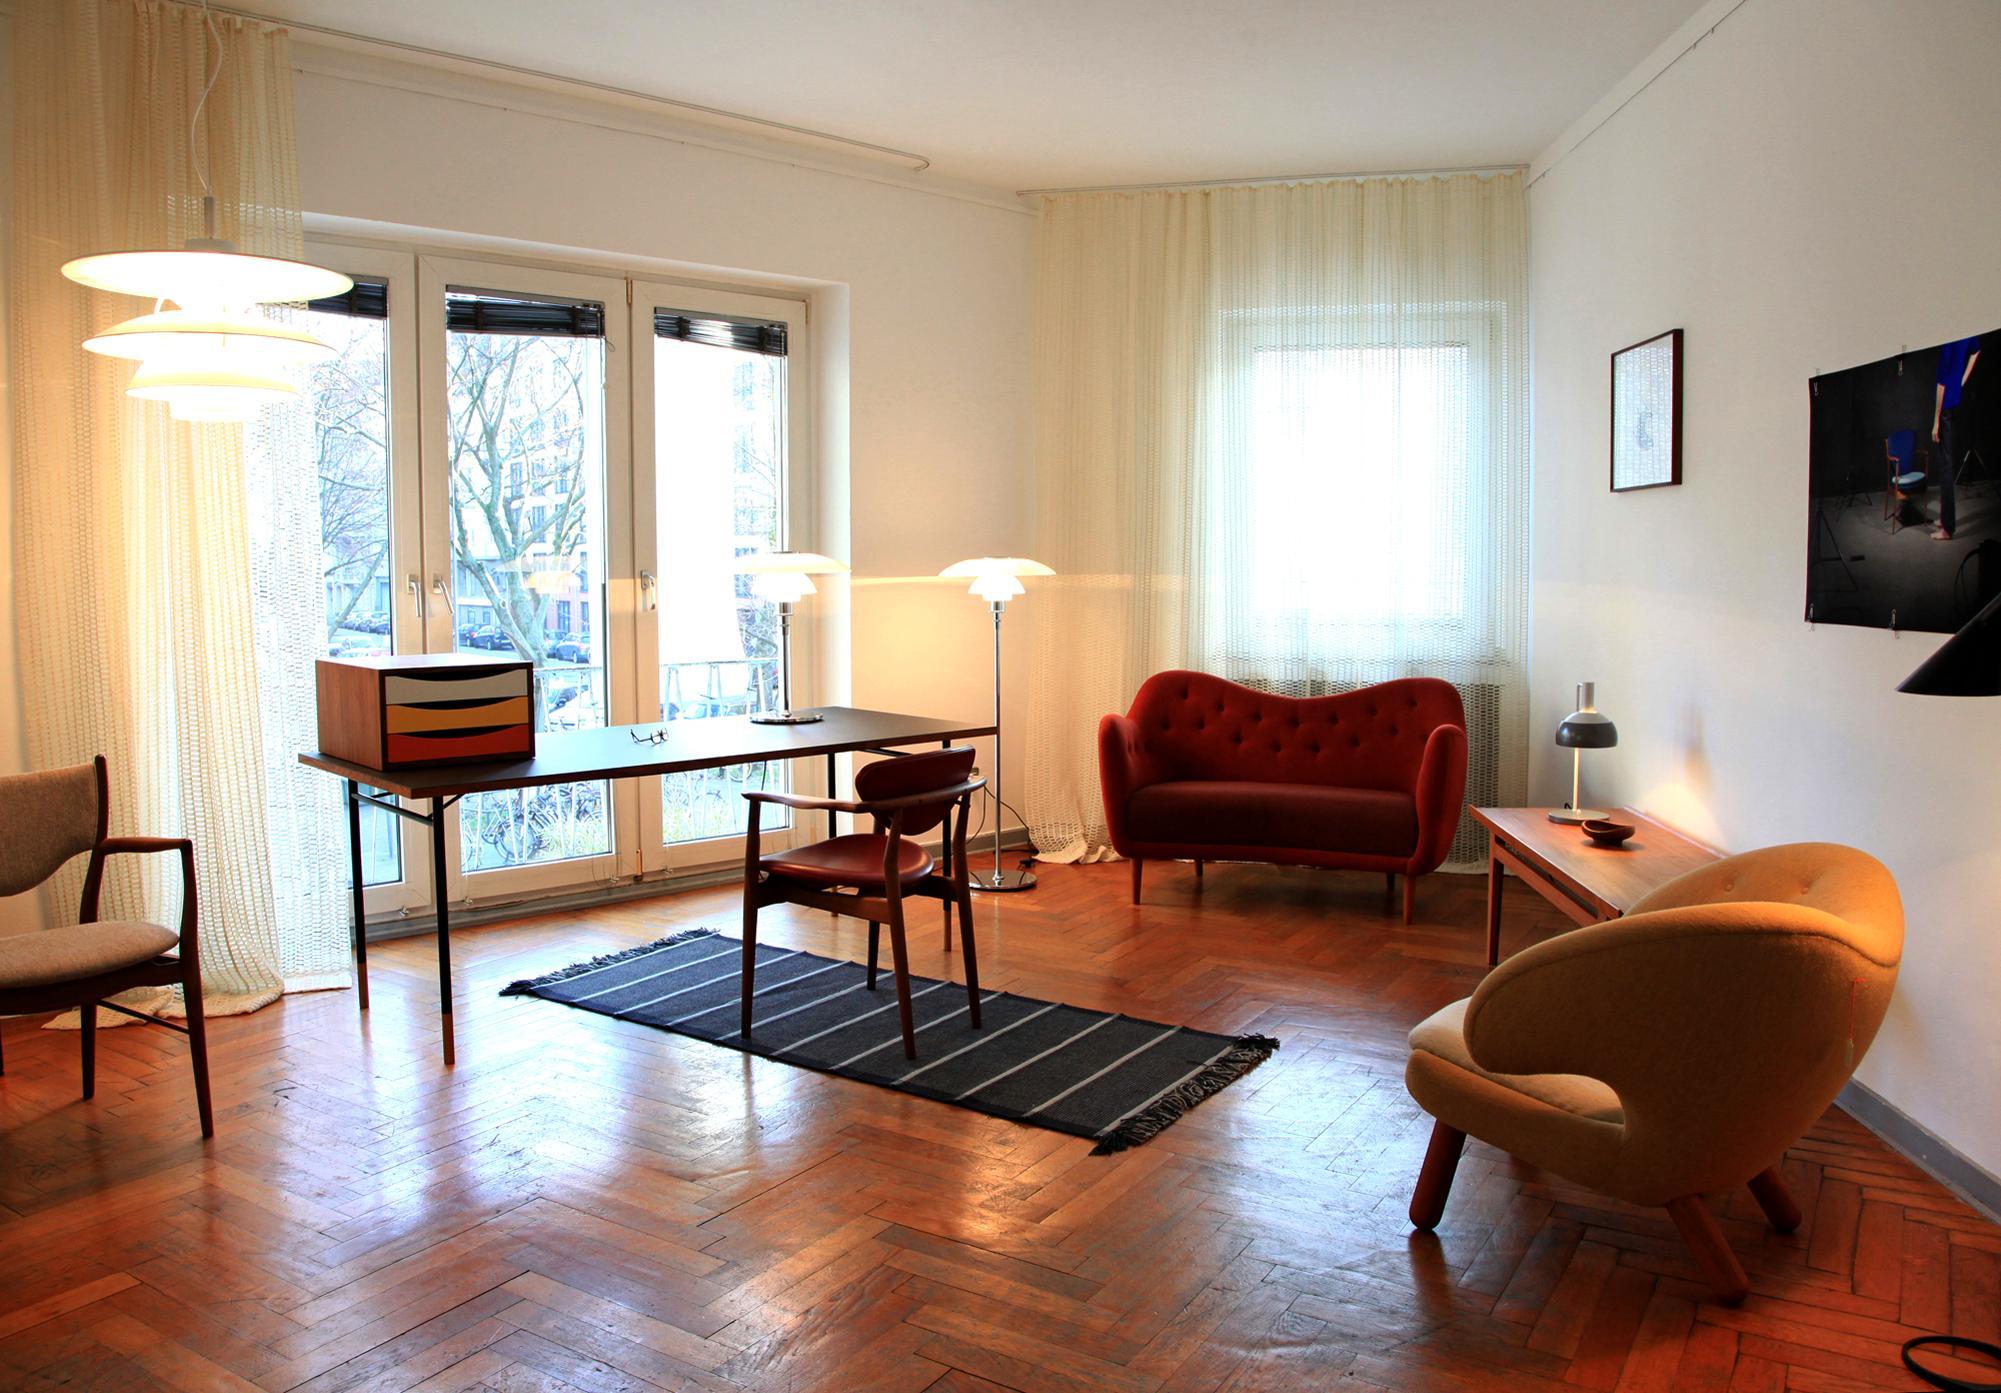 gelber sessel ? bilder & ideen ? couchstyle - Sessel Wohnzimmer Design